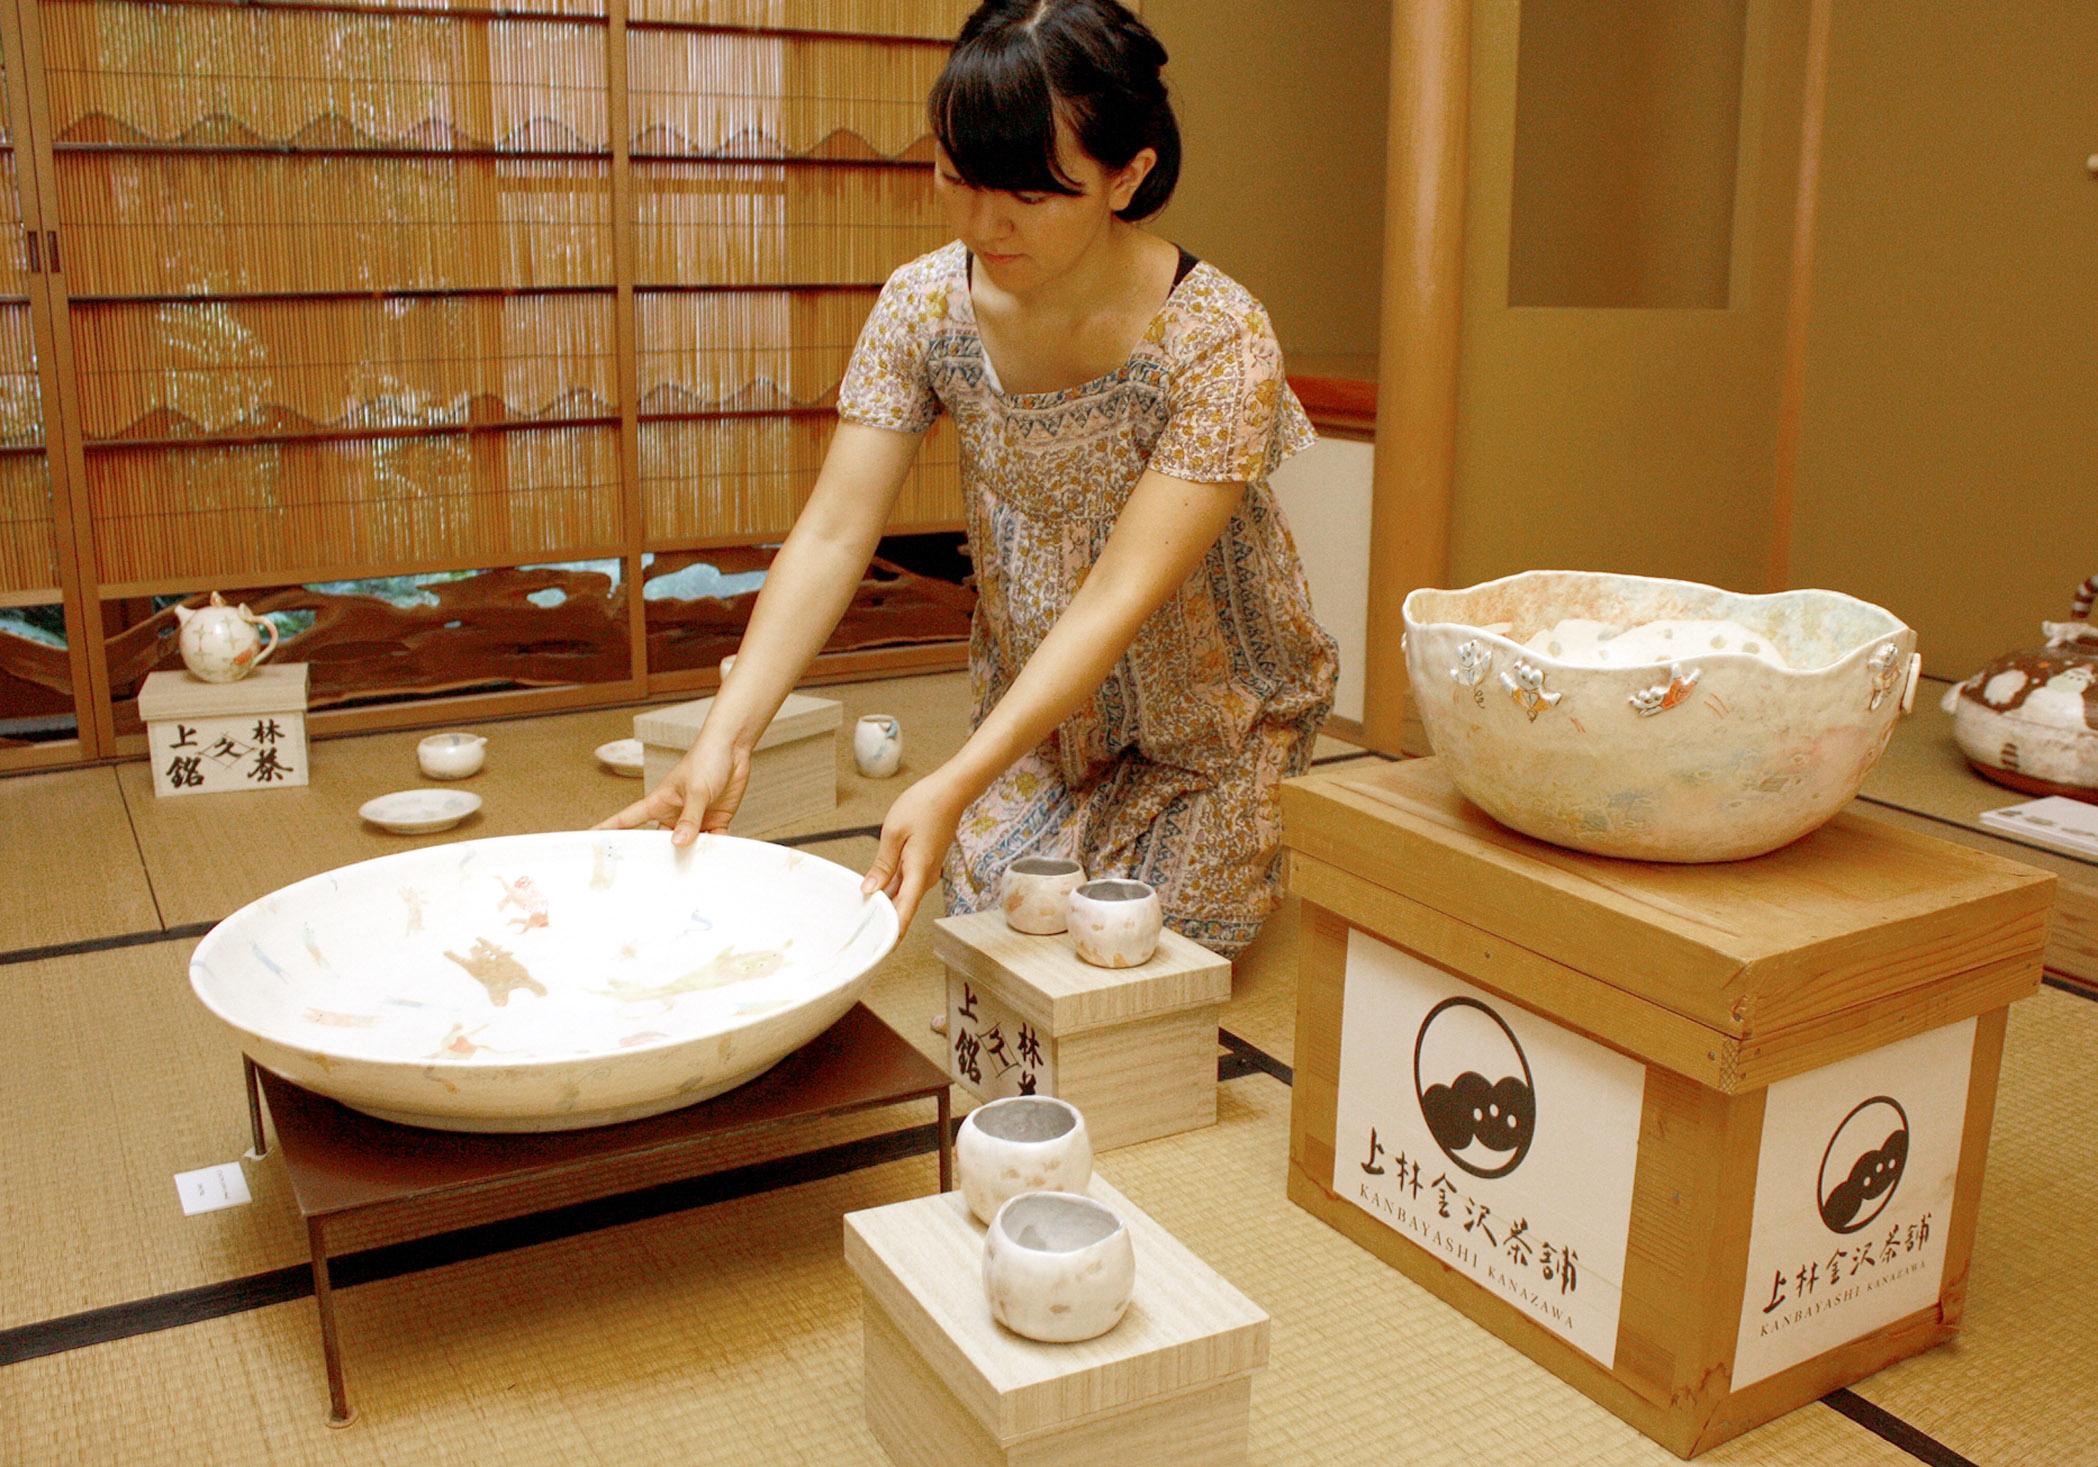 作品を展示する作家=28日午前10時50分、金沢市下新町の上林金沢茶舗